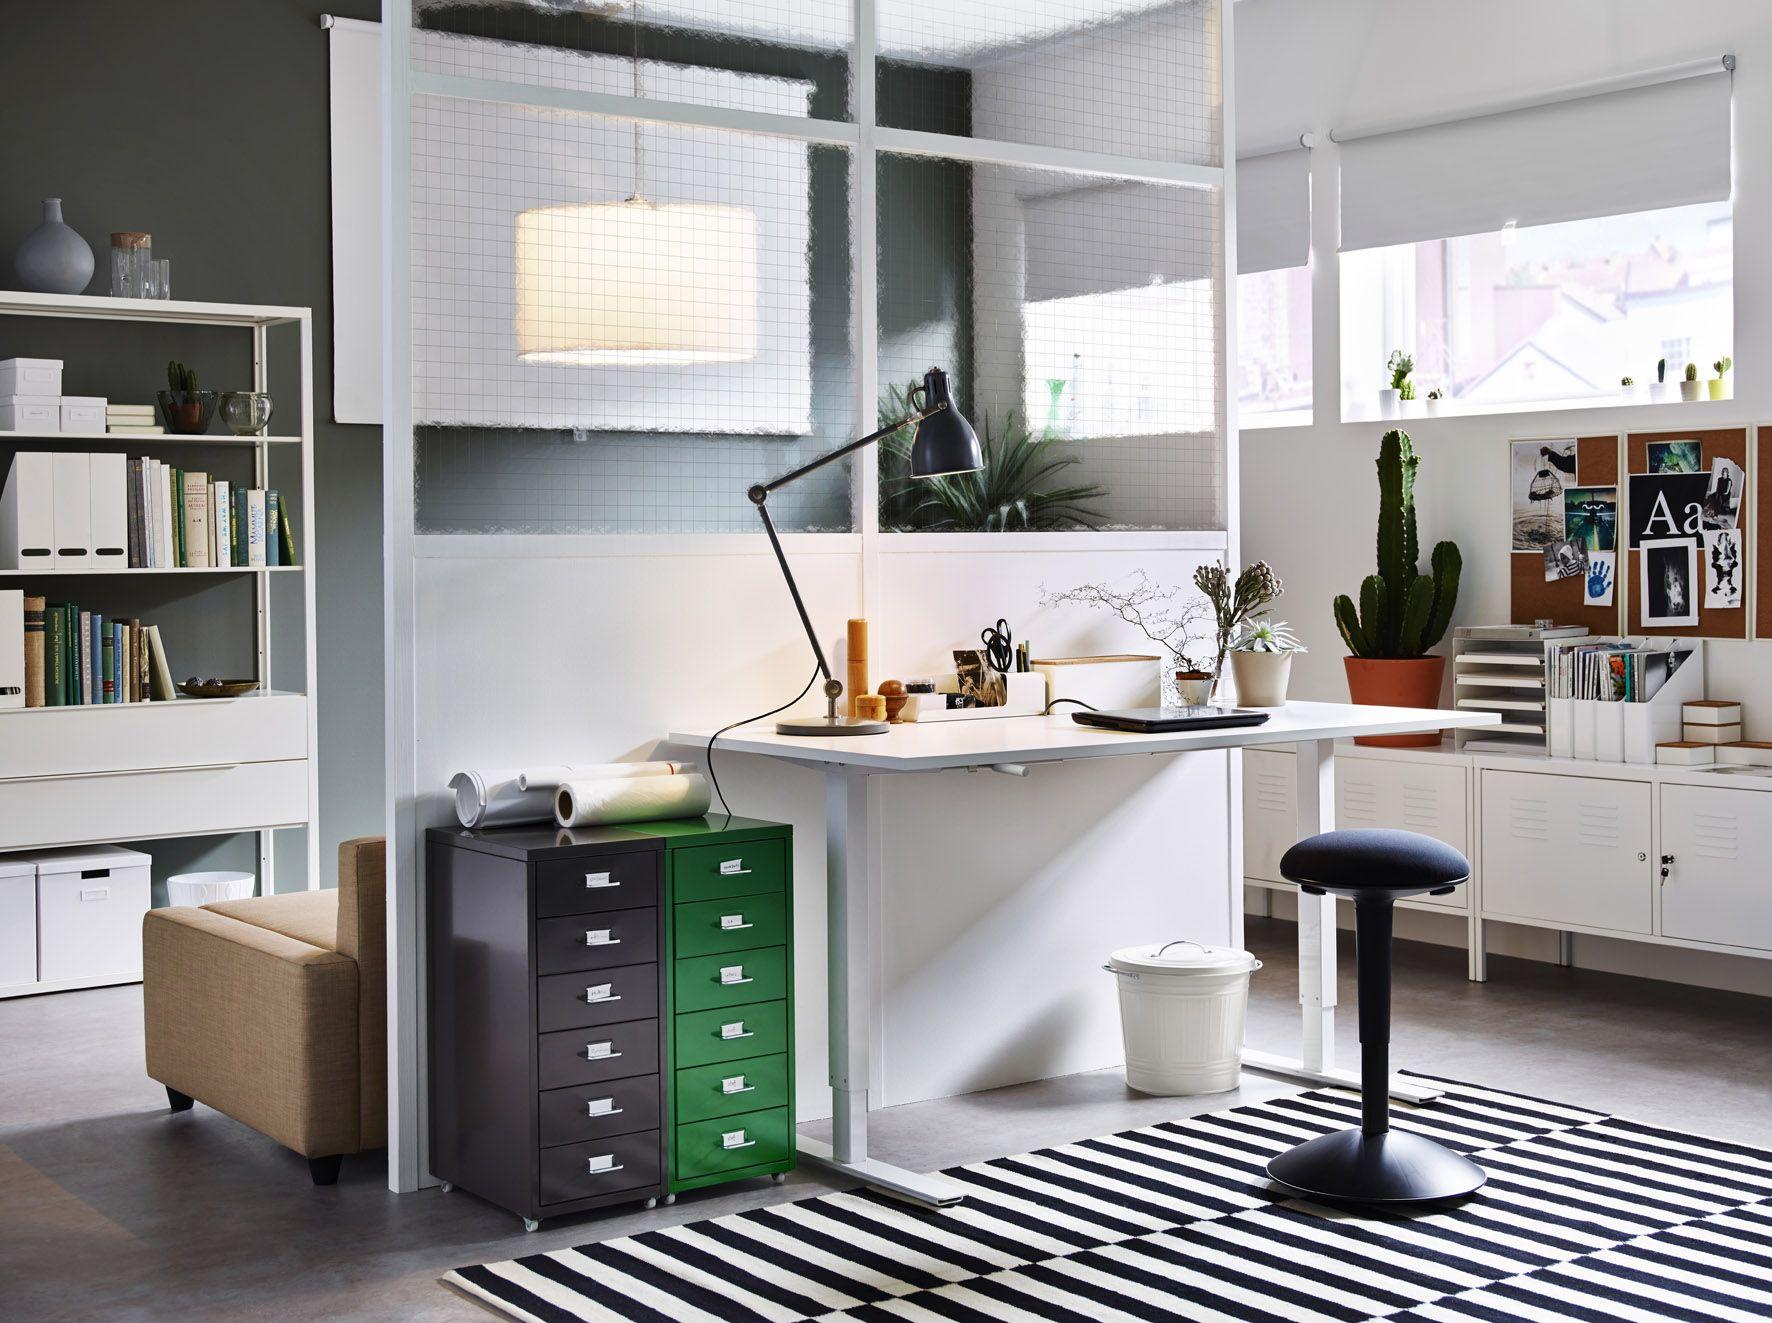 Met het skarsta bureau van ikea kan je zittend en staand werken